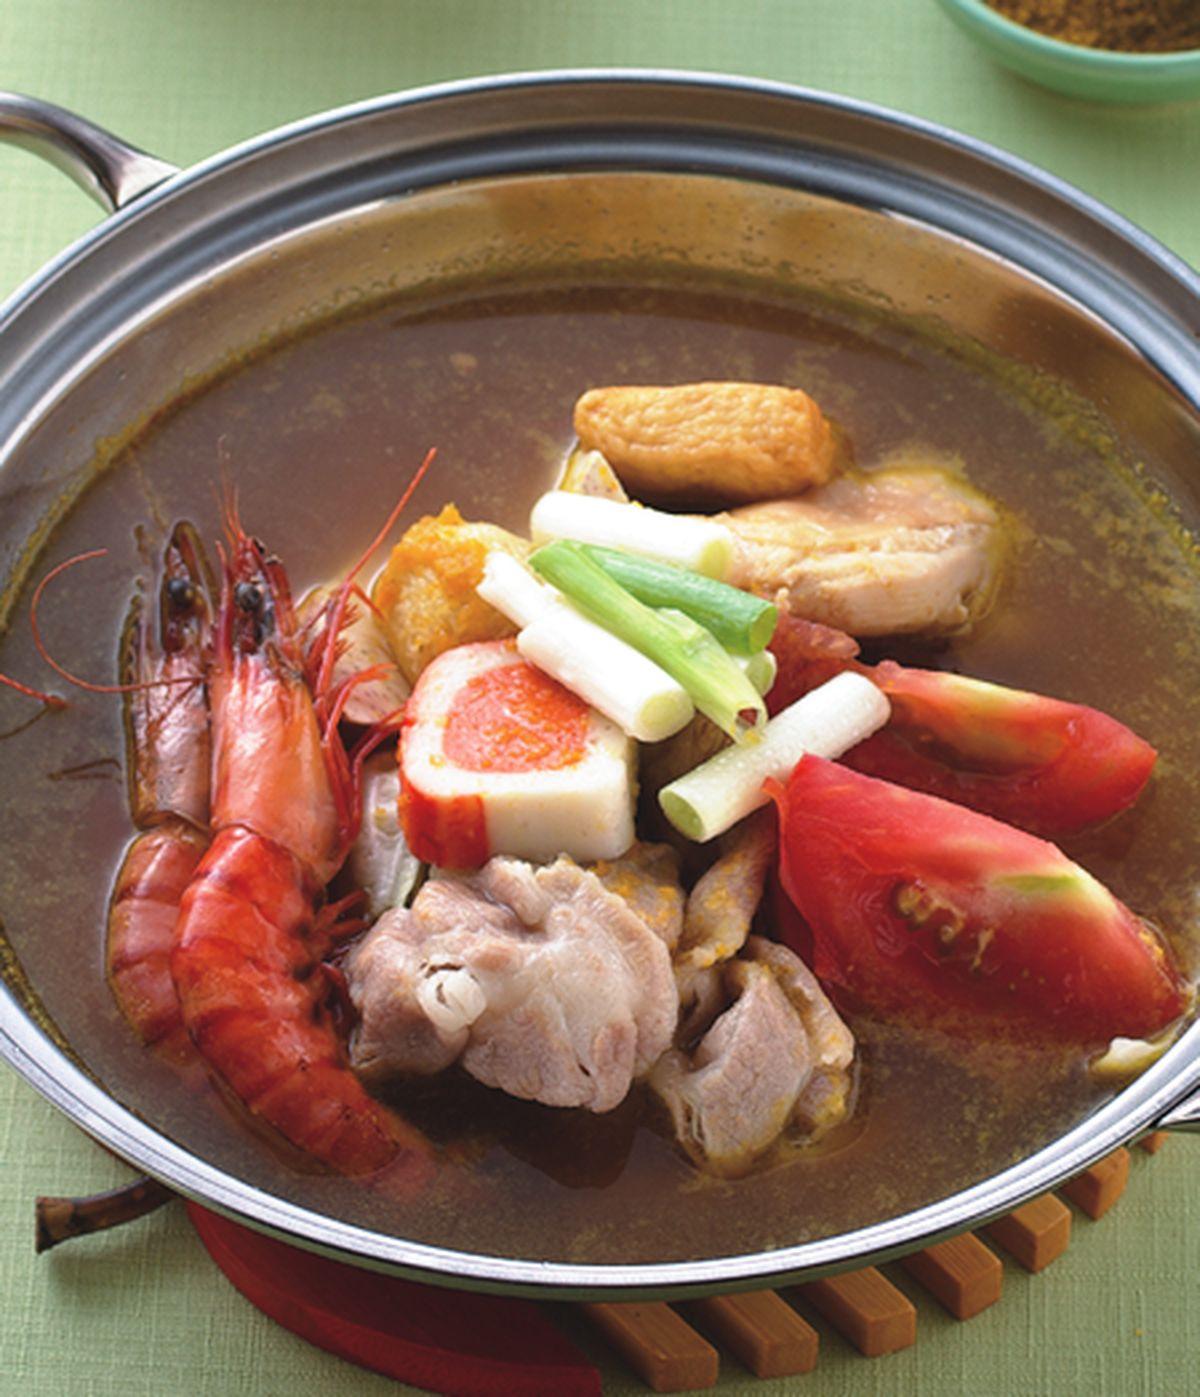 食譜:和風蔬菜咖哩鍋